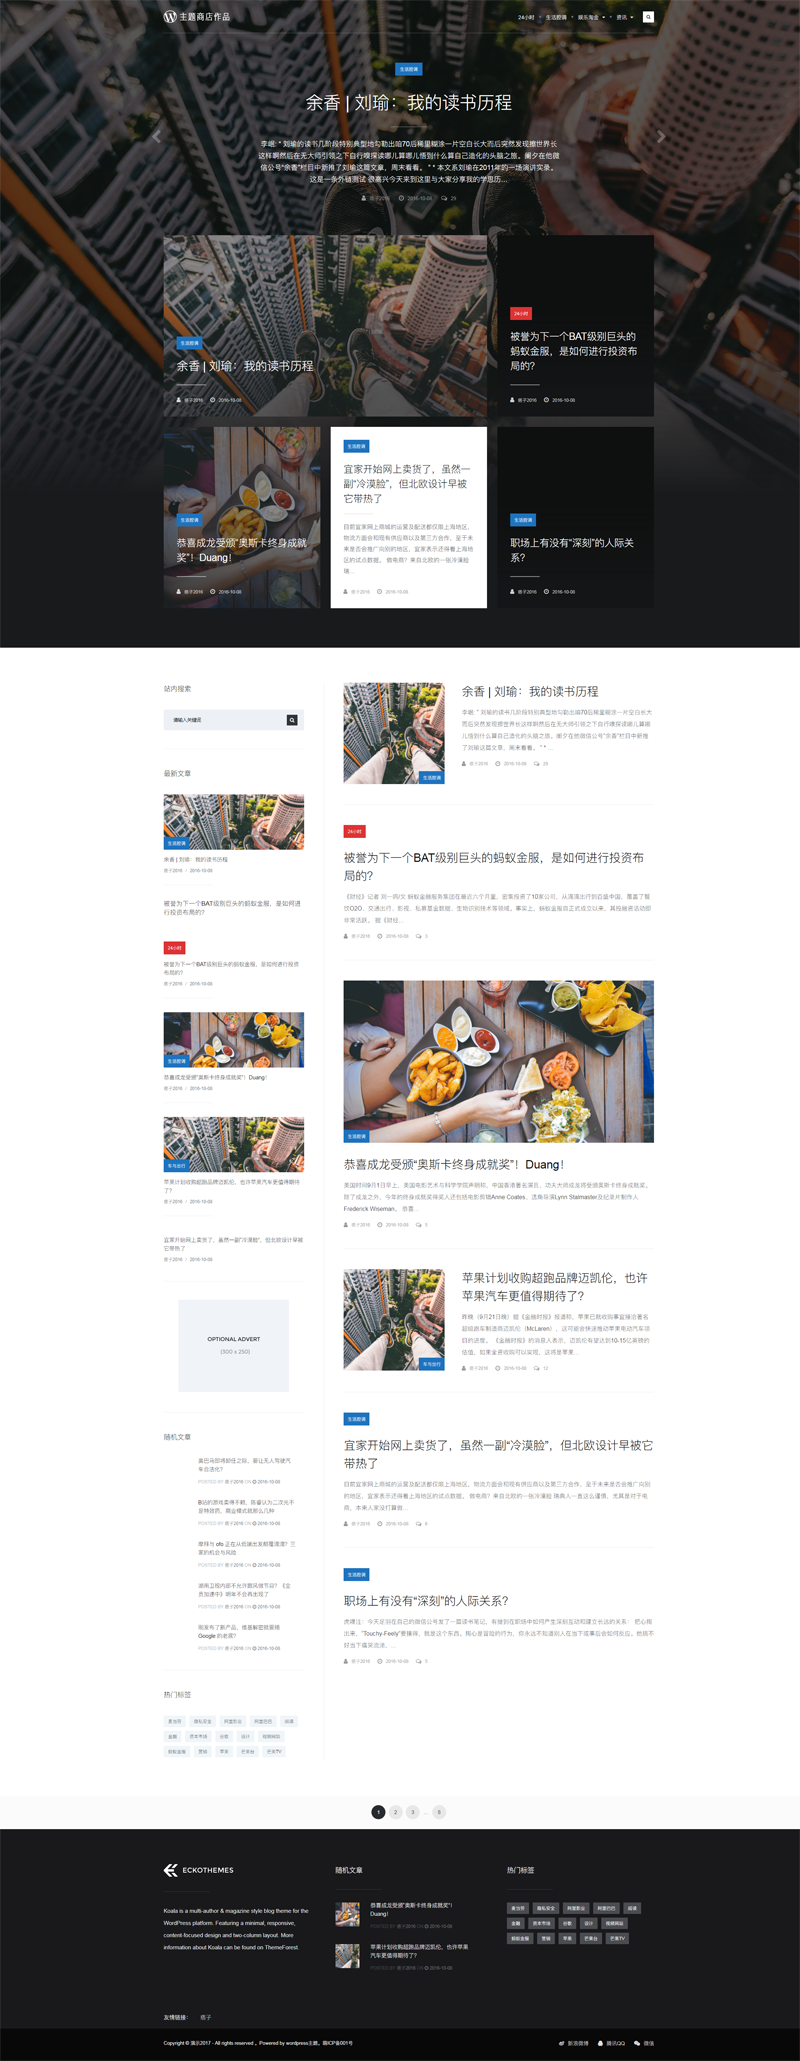 wordpress自媒体博客主题,大气简洁